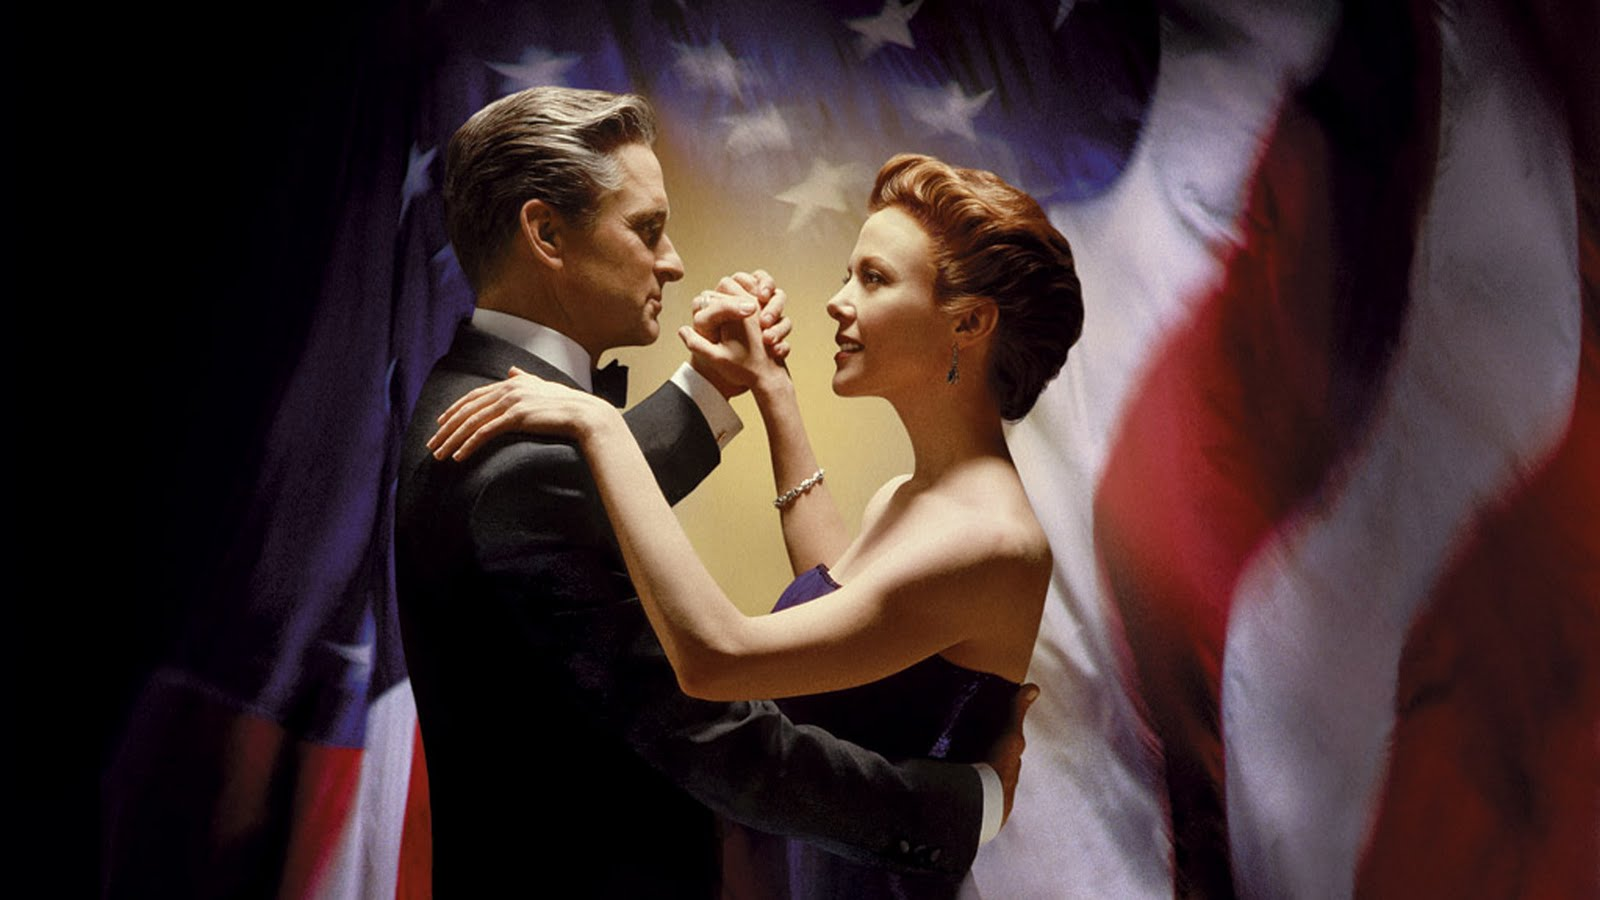 Risultati immagini per il presidente una storia d amore poster